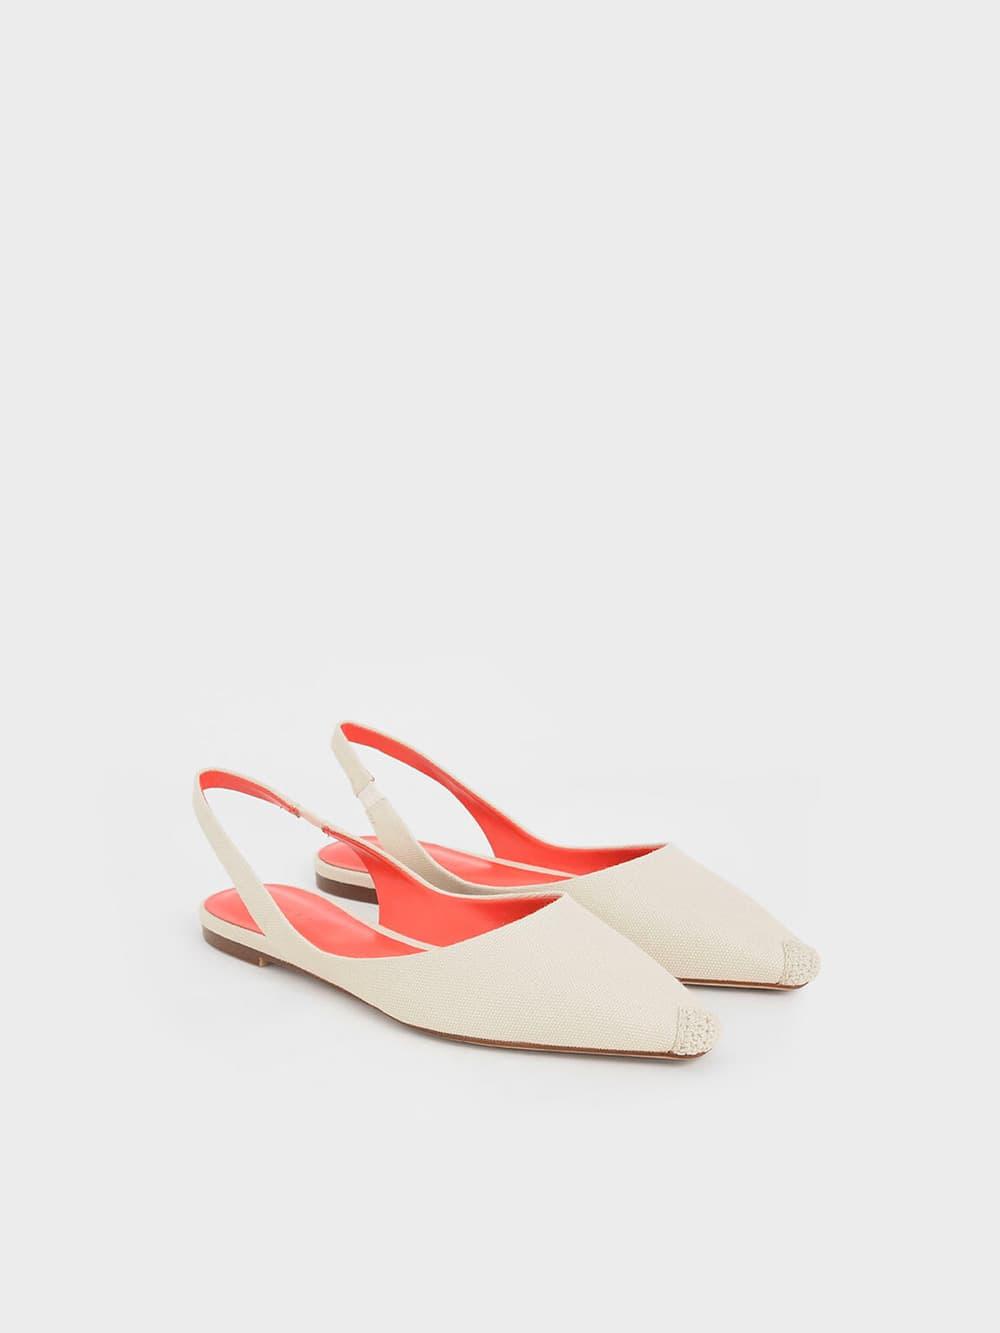 麻繩拼接平底鞋